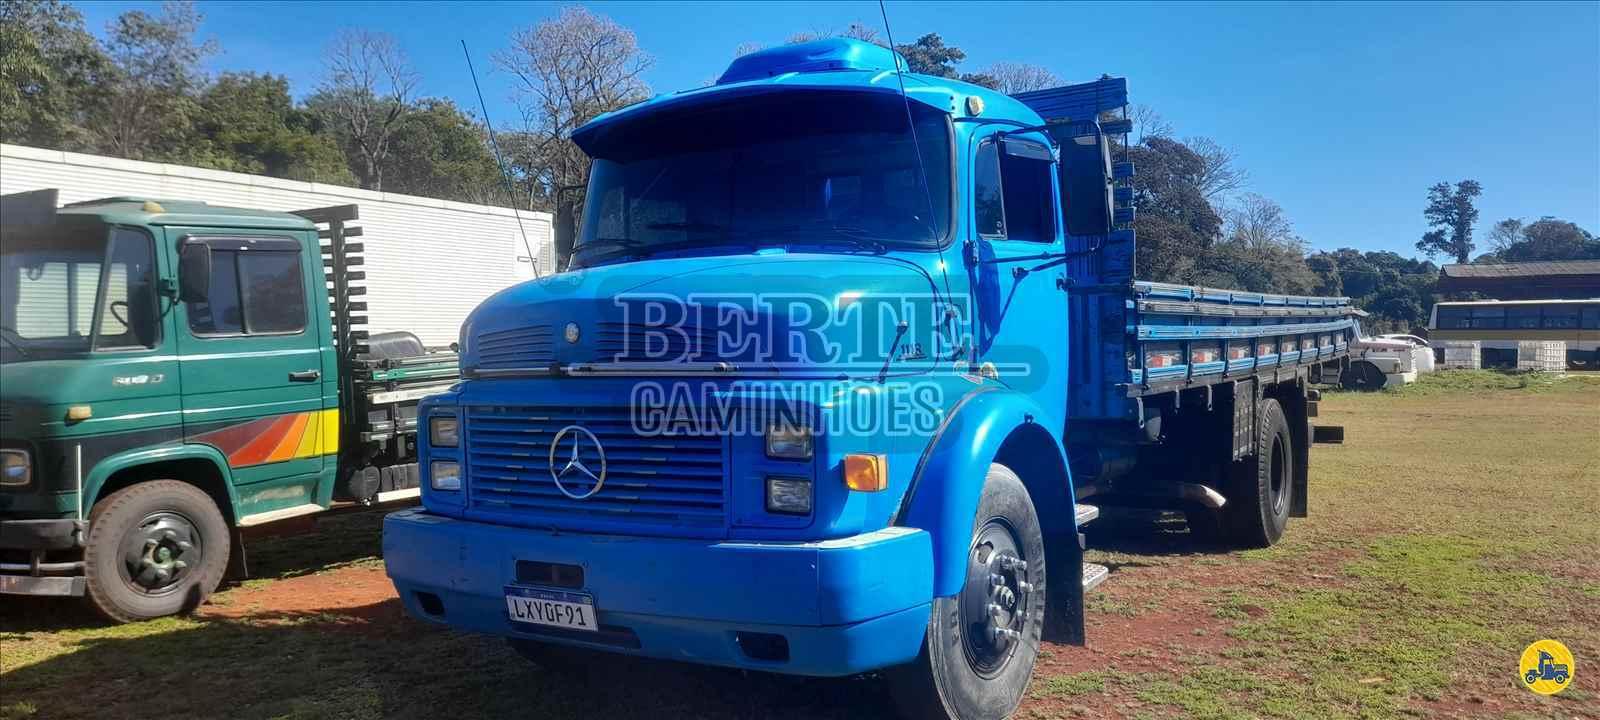 CAMINHAO MERCEDES-BENZ MB 1113 Carga Seca Toco 4x2 Berte Caminhões SANTA ROSA RIO GRANDE DO SUL RS